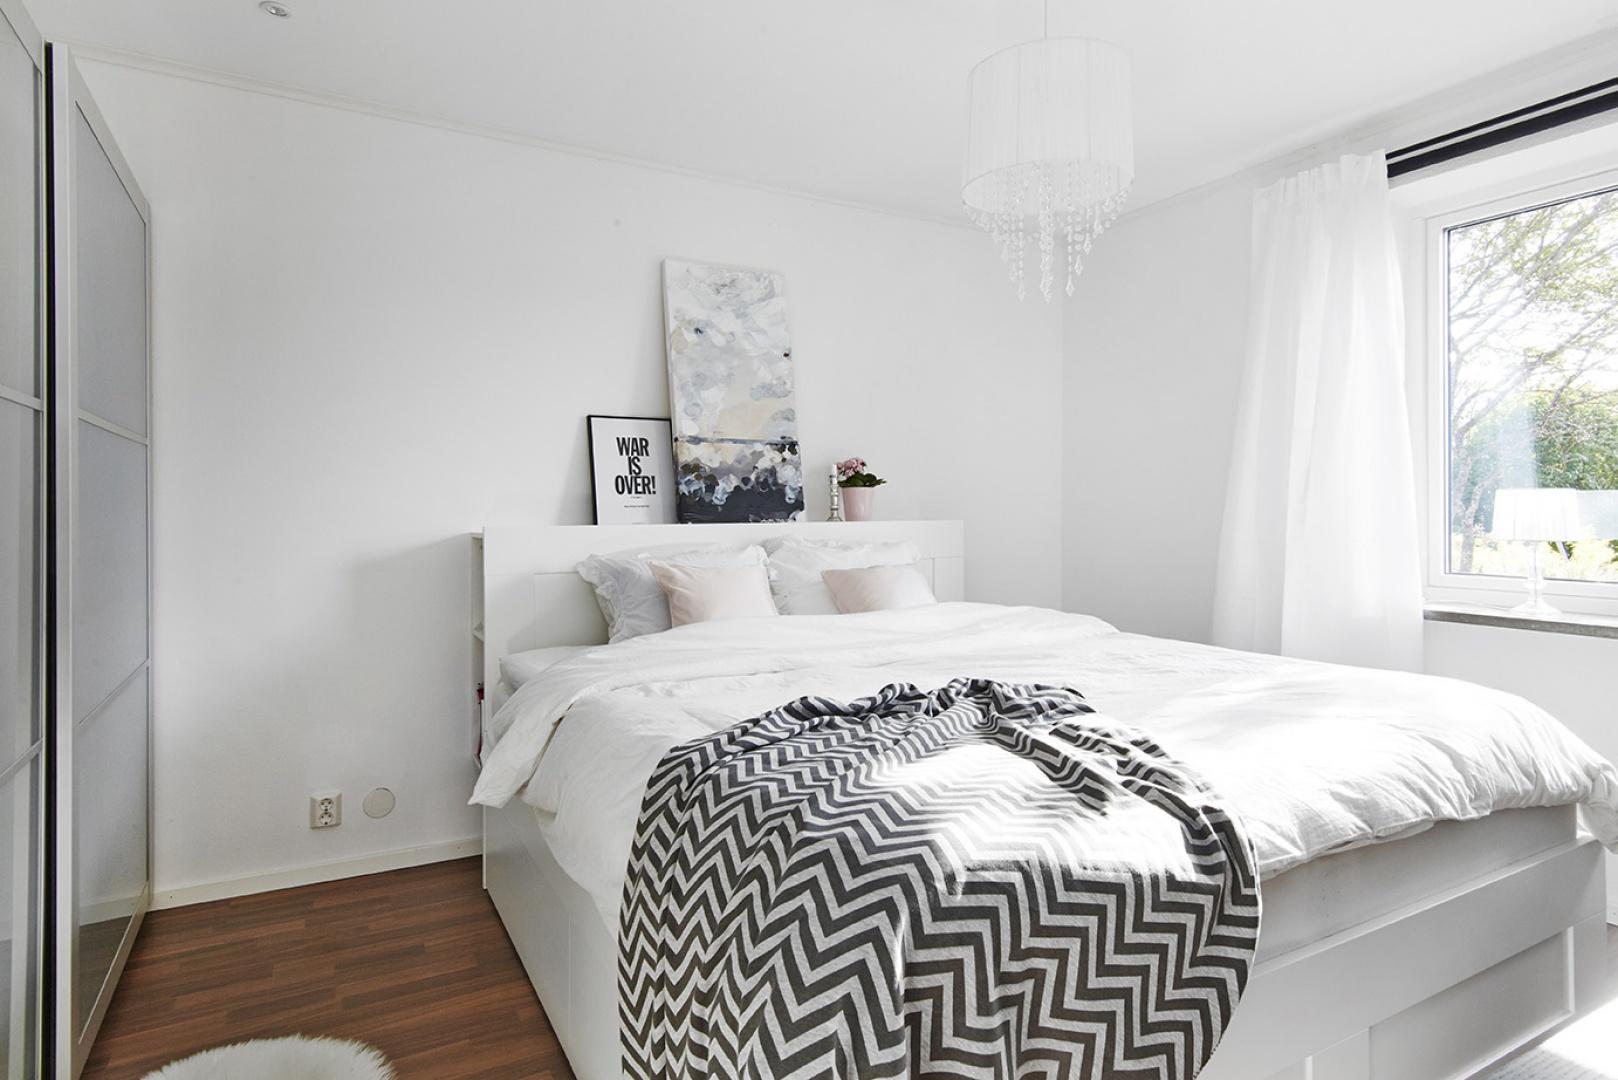 Przepiękna sypialnia utrzymana w jasnej kolorystyce. Dominującą biel urozmaicają delikatne pastelowe poduszki, wzorzysta czarno-biała narzuta z opartowskim motywem, a cieplejszym akcentem jest drewniana podłoga. Żyrandol wprowadza do wnętrza klimat glamour. Fot. Vastanhem.